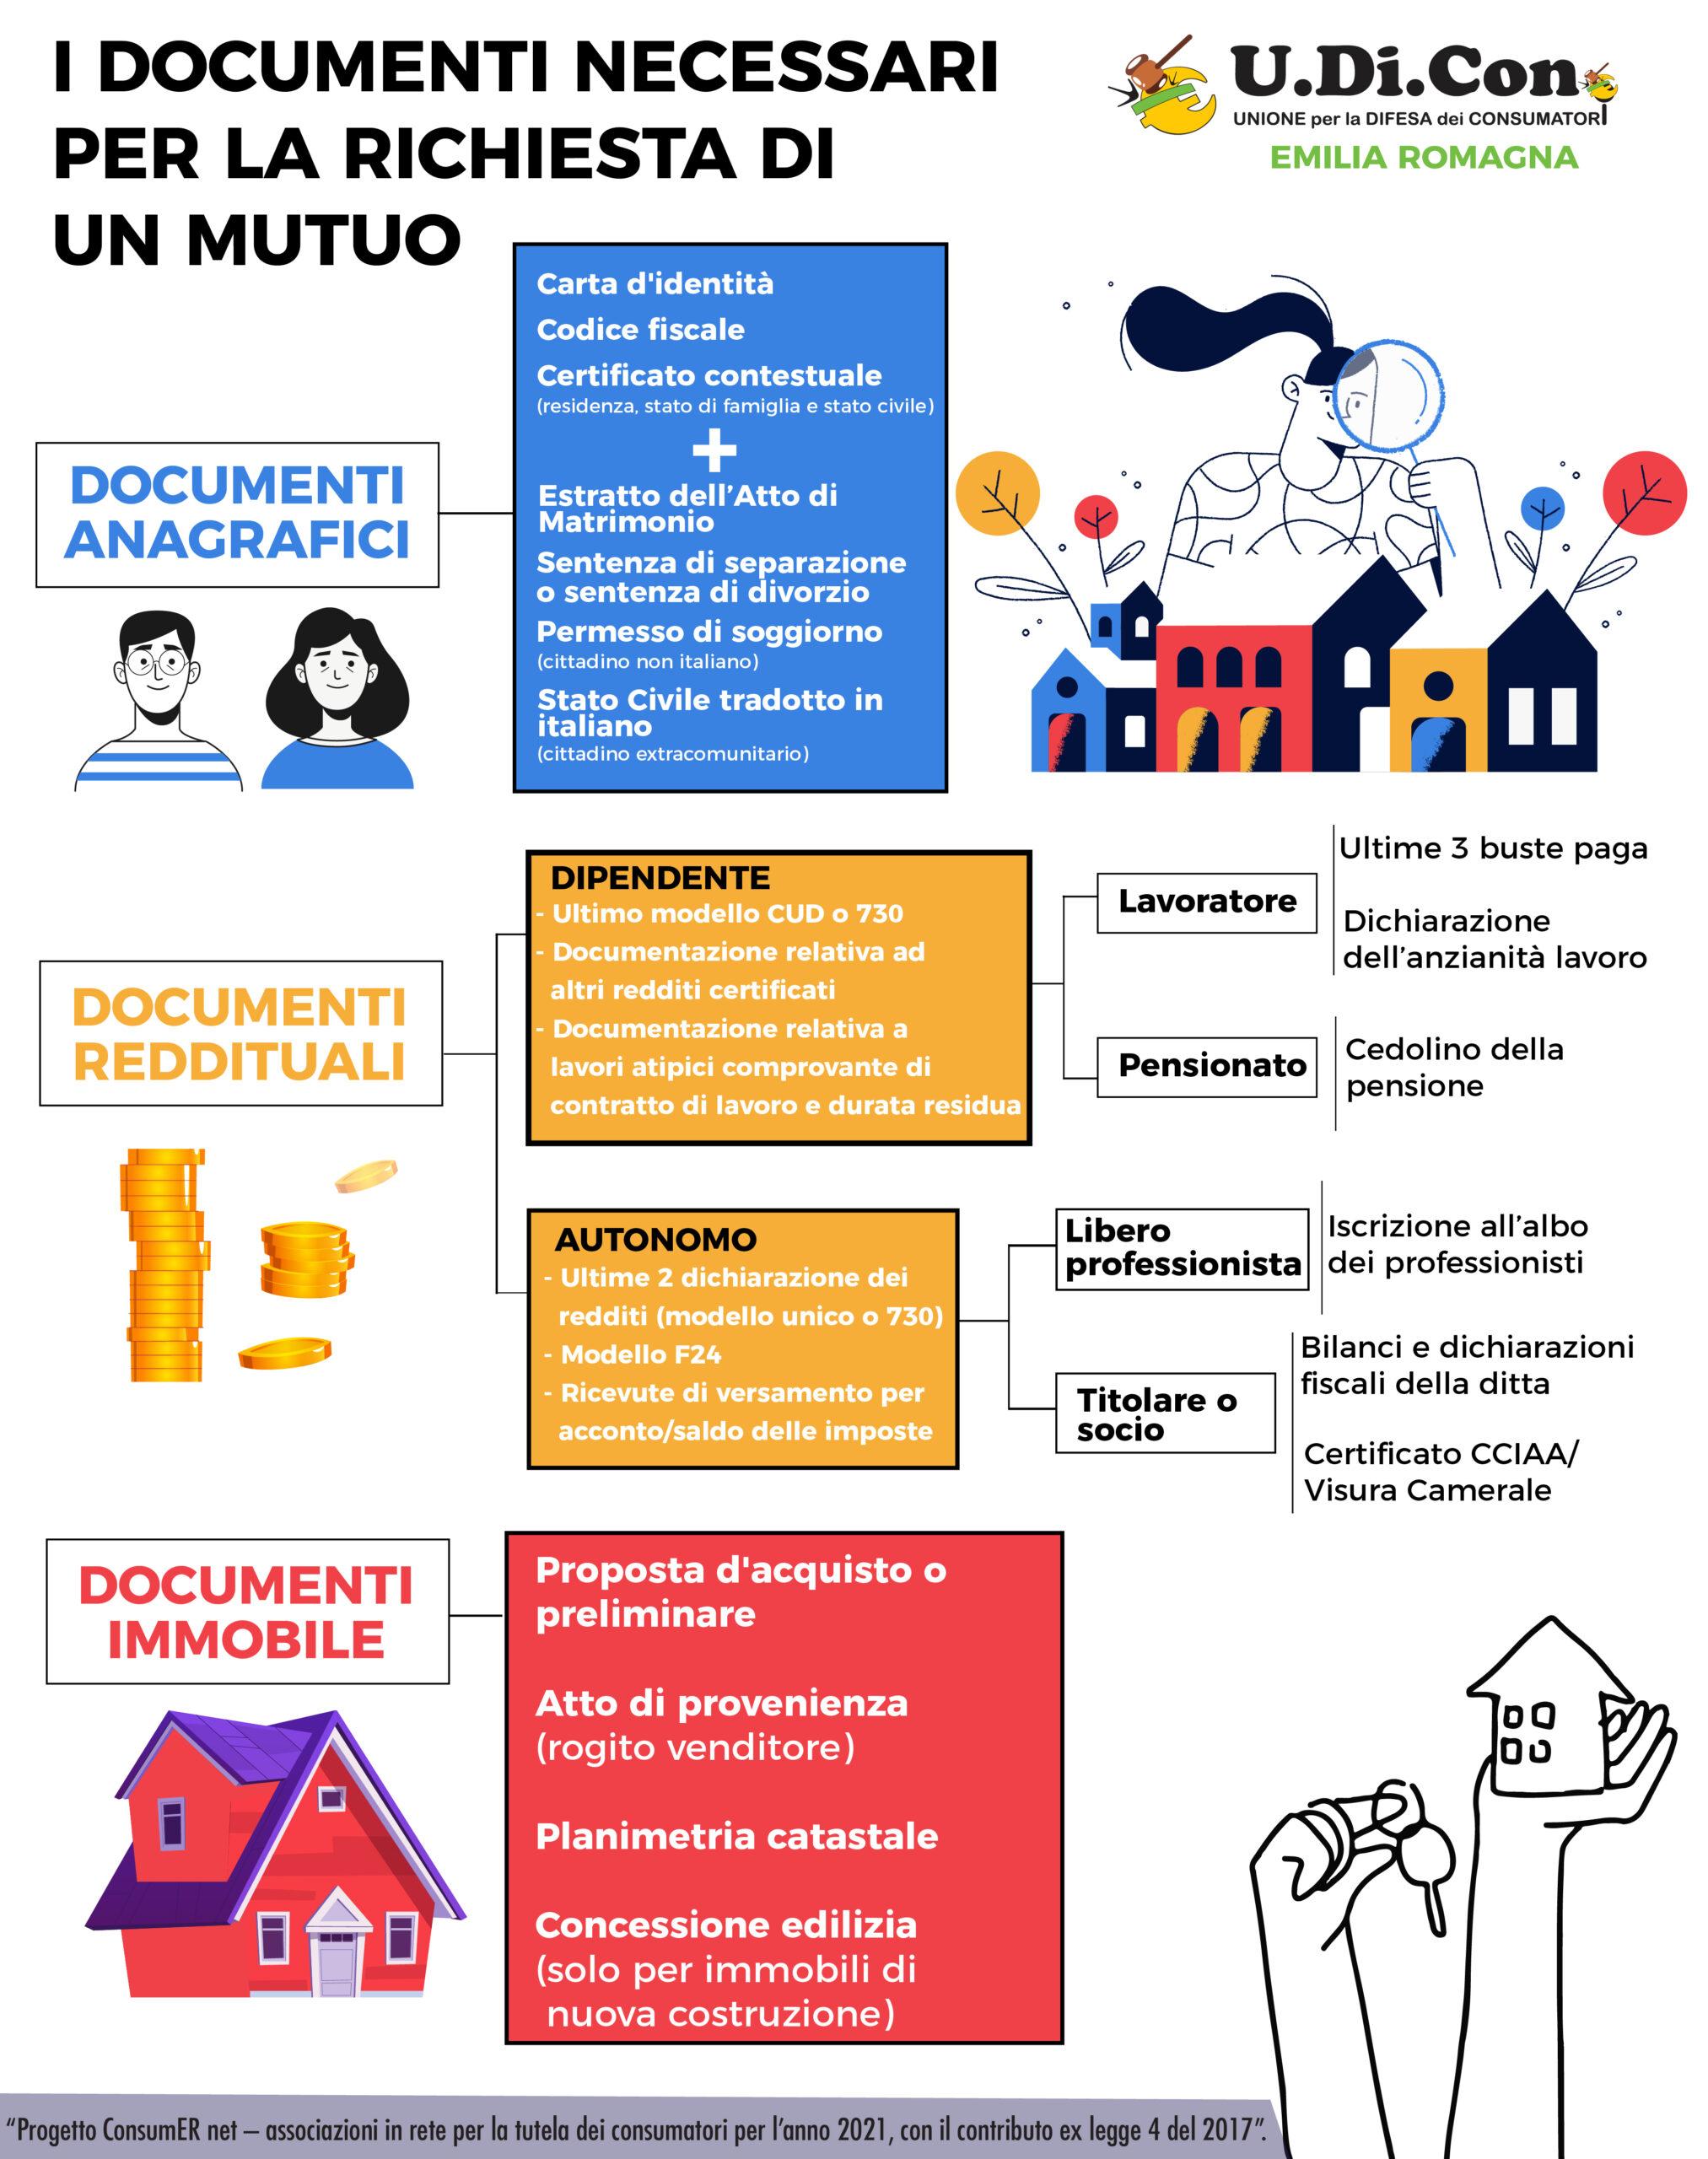 Infografica - I documenti necessari per la richiesta di un mutuo